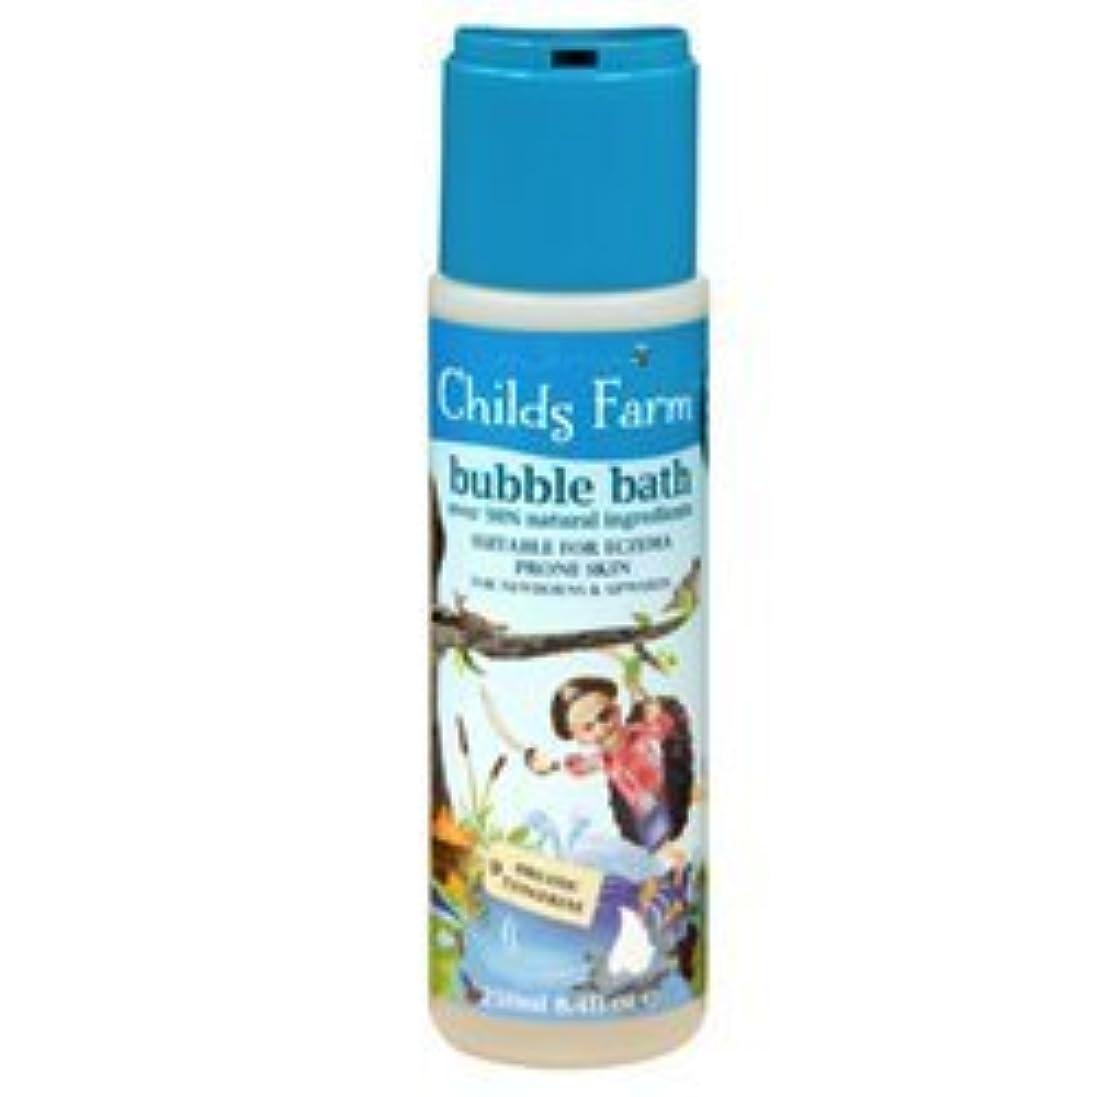 追う対花弁Childs Farm Bubble bath for Buccaneers 250ml x 1 by Childs Farm